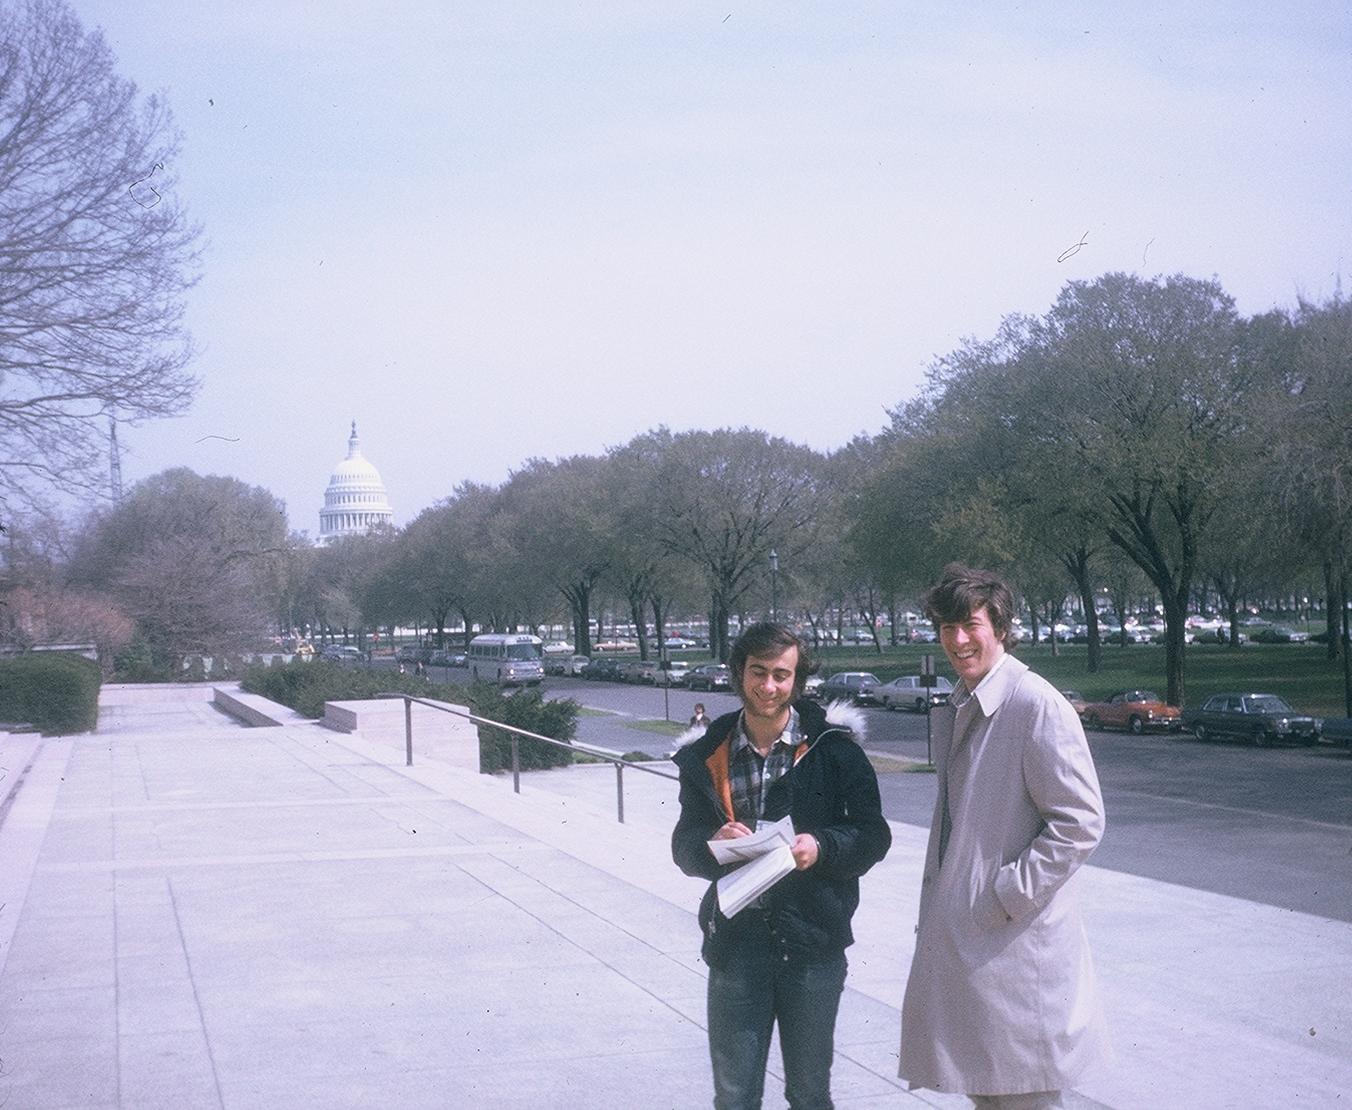 Spring_tour_1976_WashingtonDC_staudt4-R1-E027.jpg